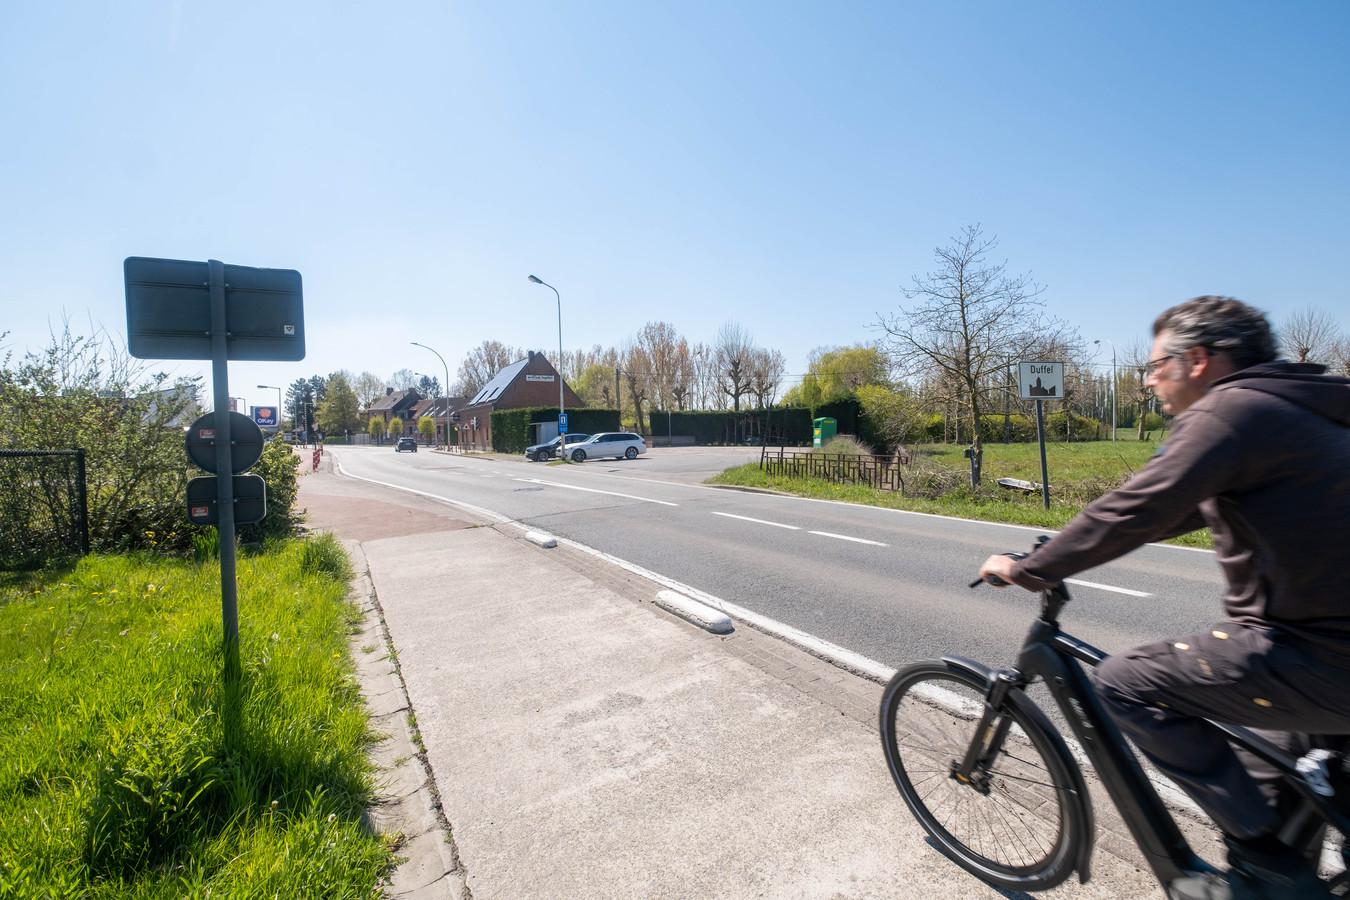 De inwoners van Duffel zijn tevreden over de fietspaden in de gemeente.